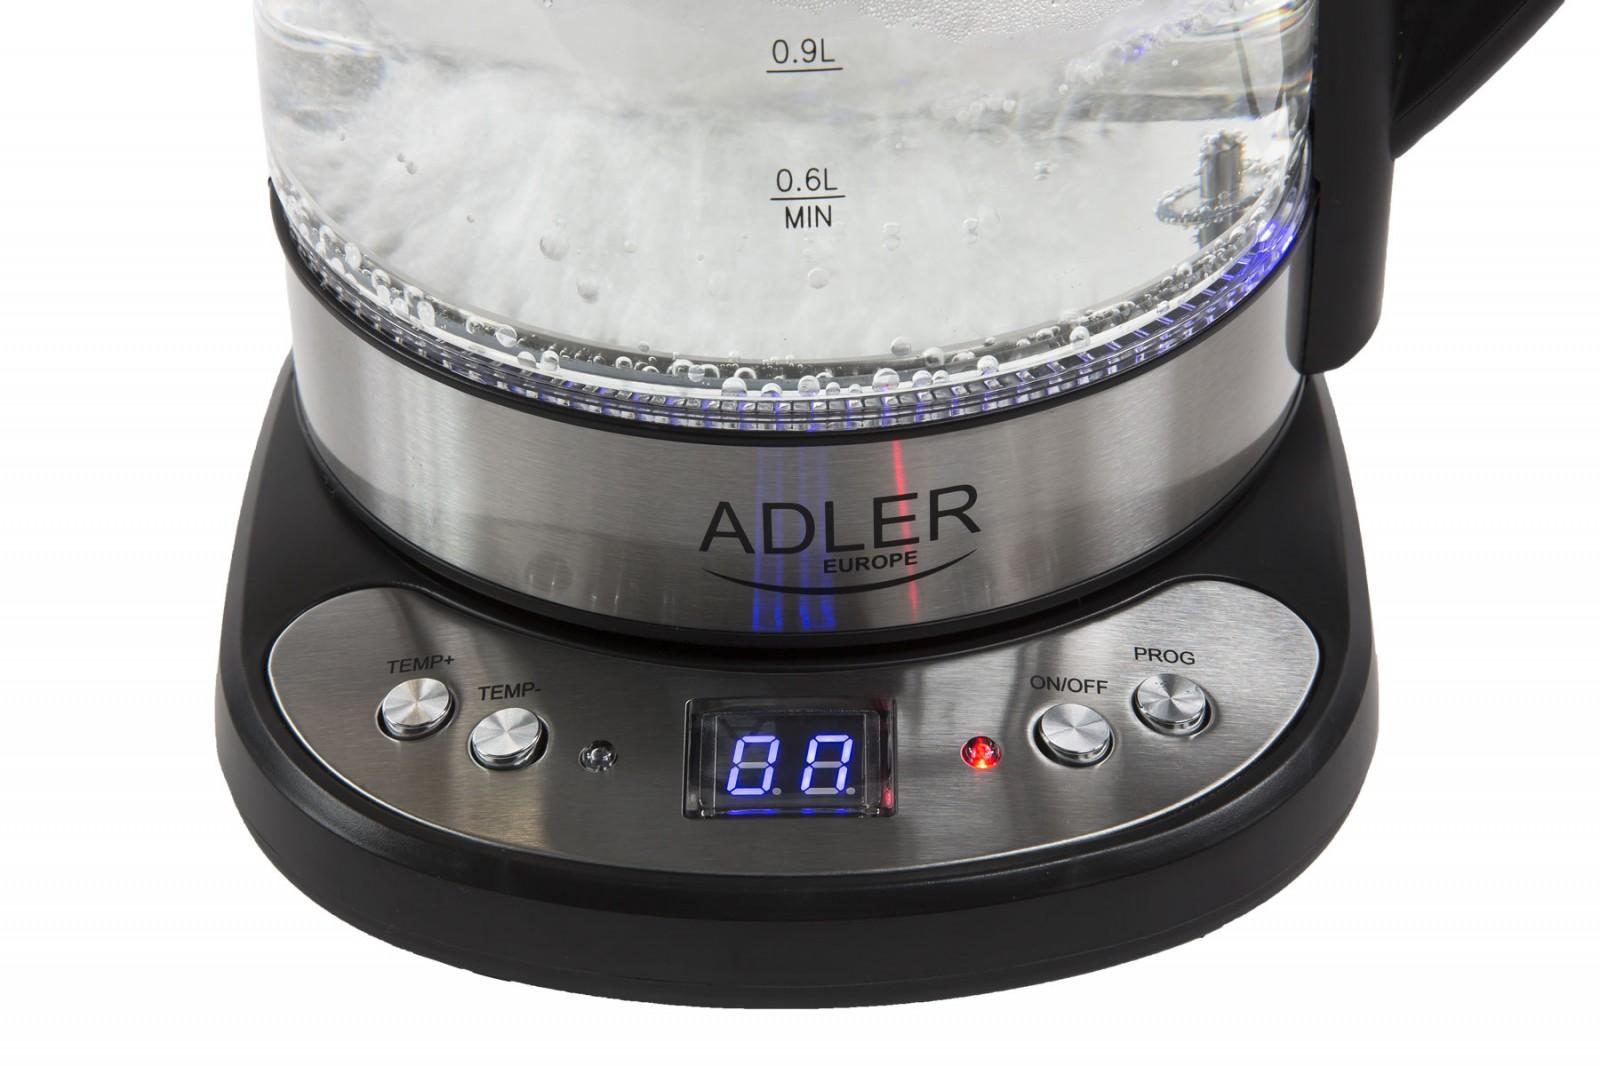 Glas-Wasserkocher mit Temperatureinstellung Adler AD1247 – Bild 2